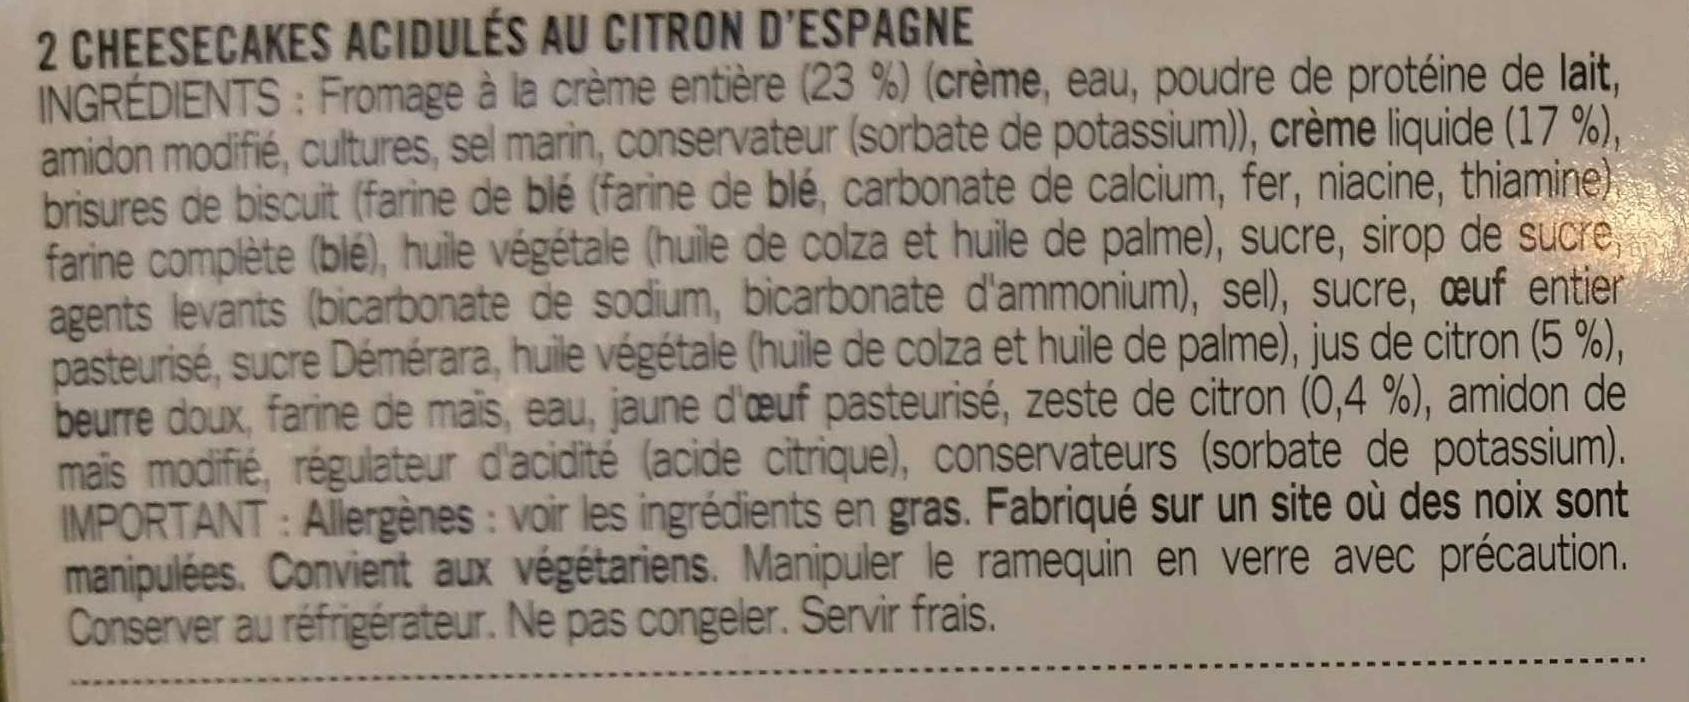 Cheesecakes au Citron - Ingrediënten